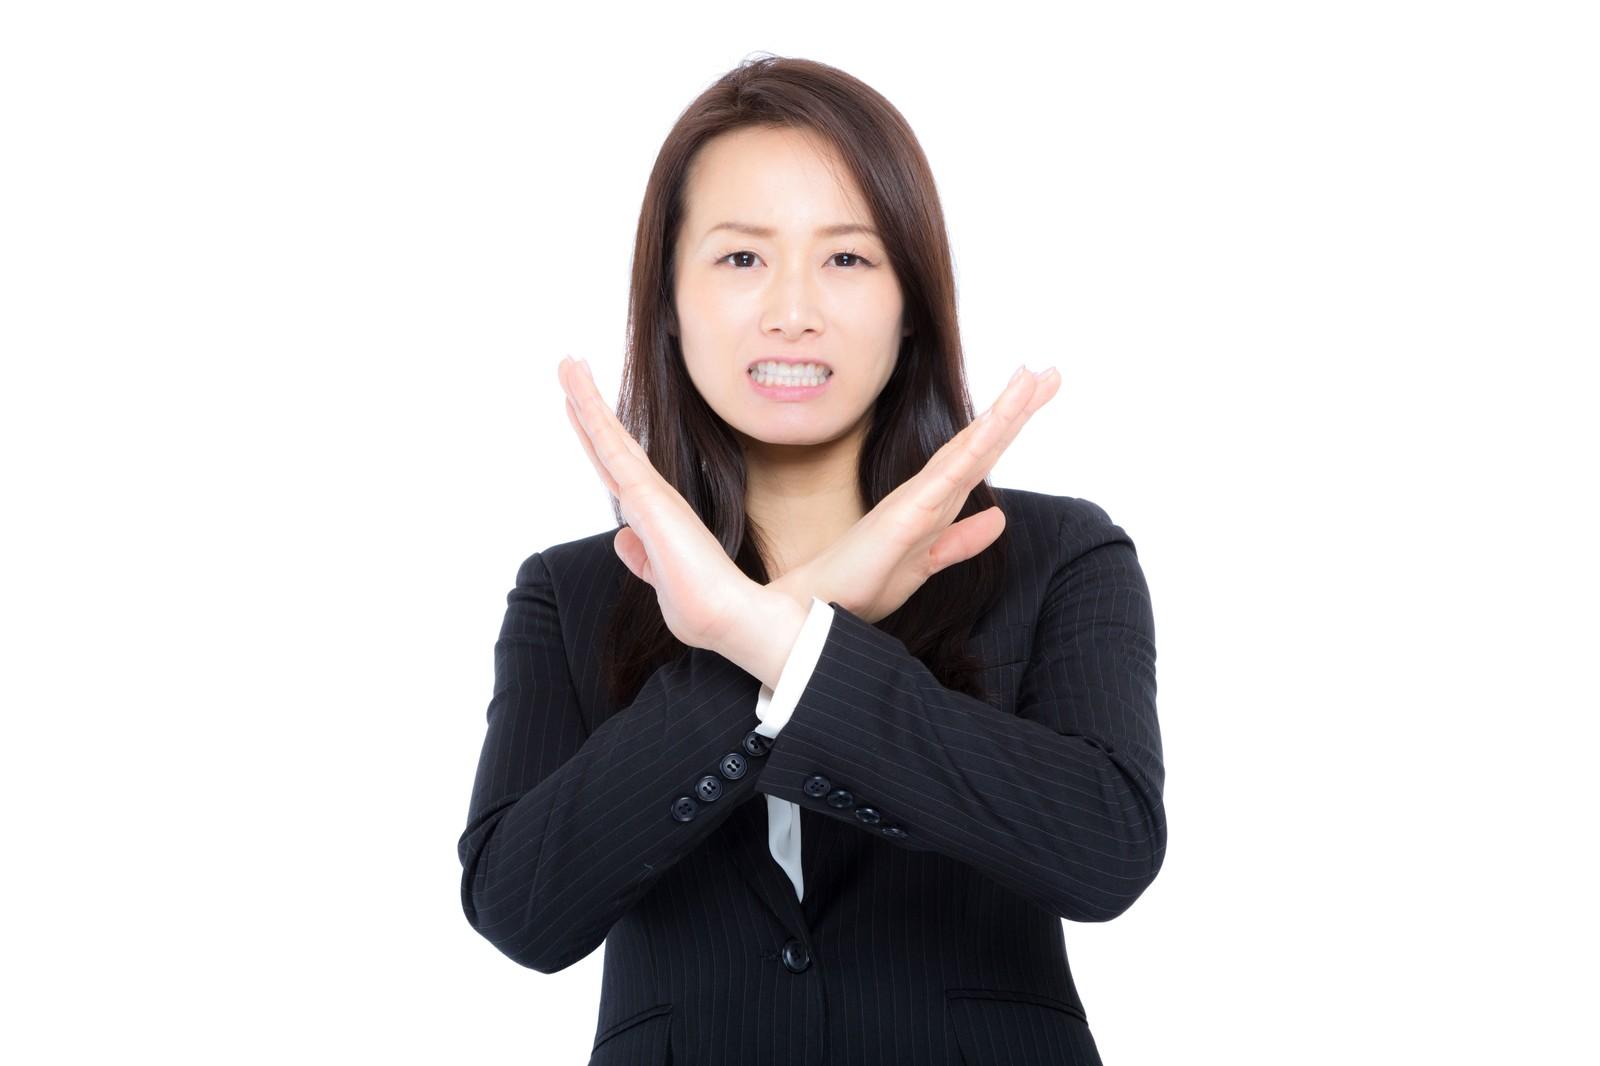 言い間違い・聞き間違いが多い原因と心理!